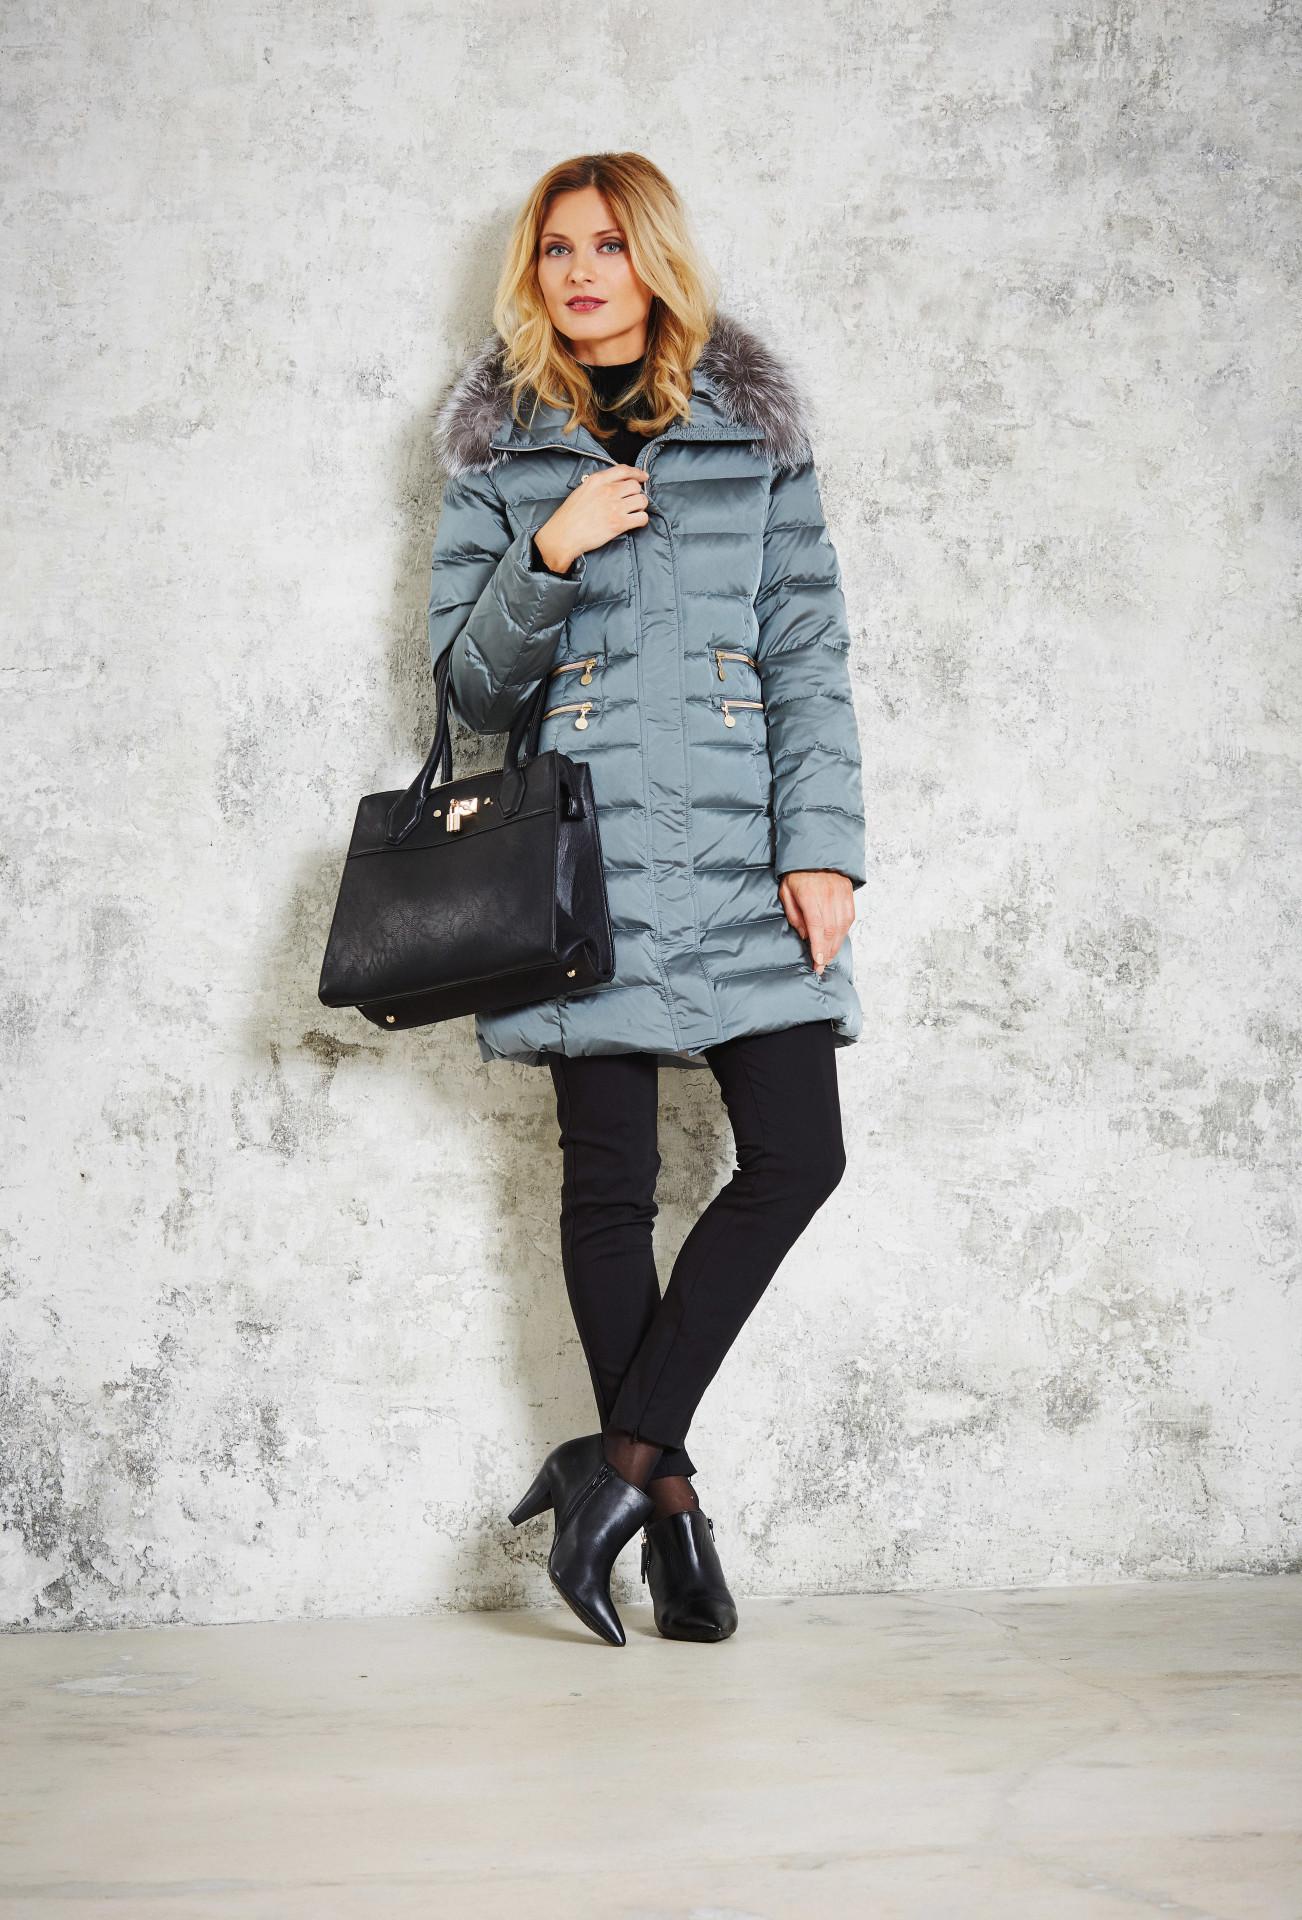 Dámský péřový kabát 2850-63 Junge šedá 50